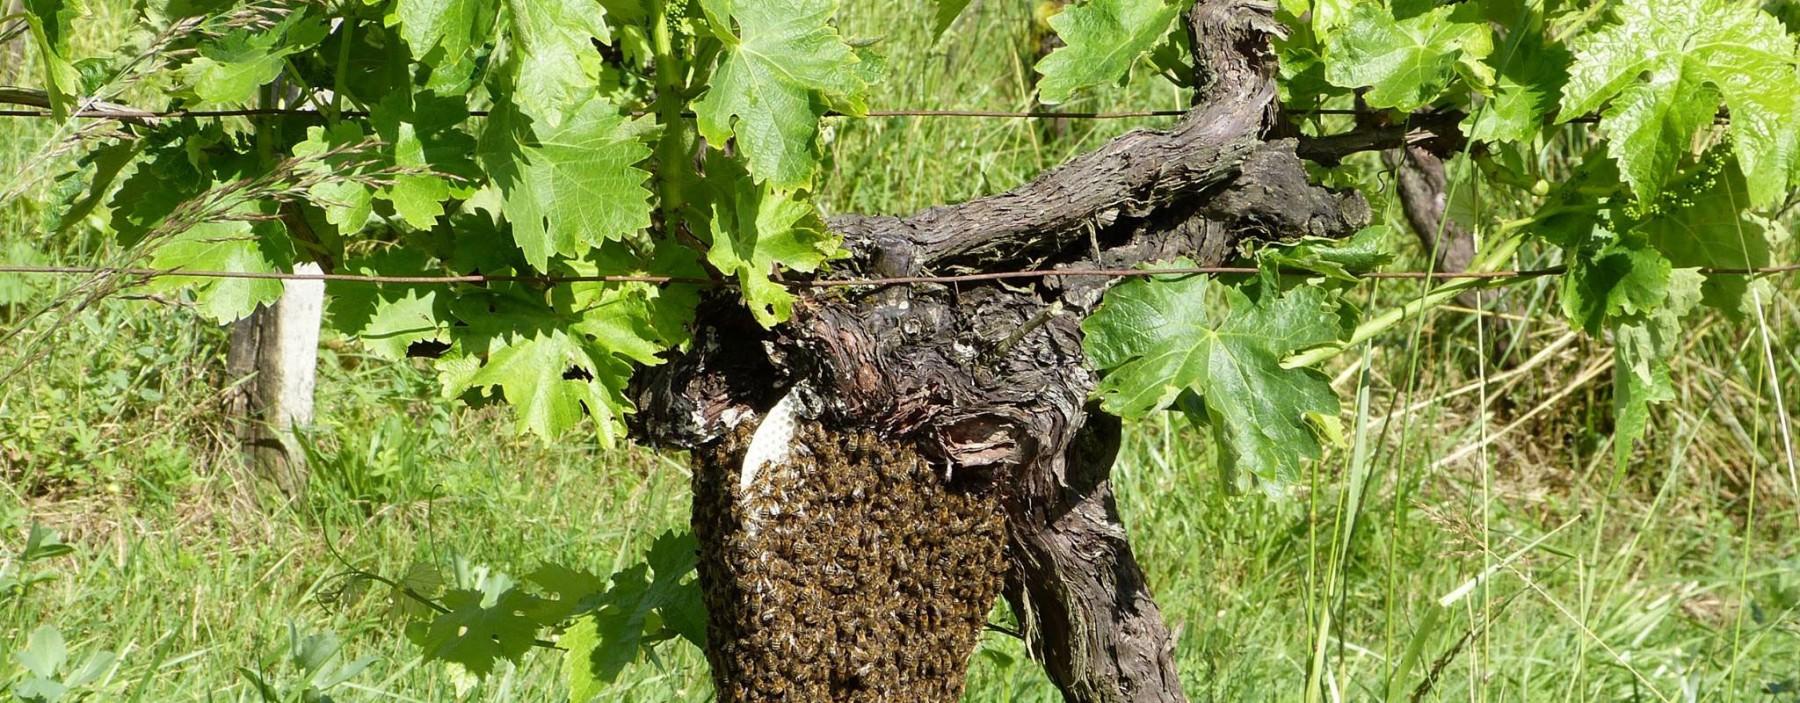 Essaim d'abeille dans les vignes